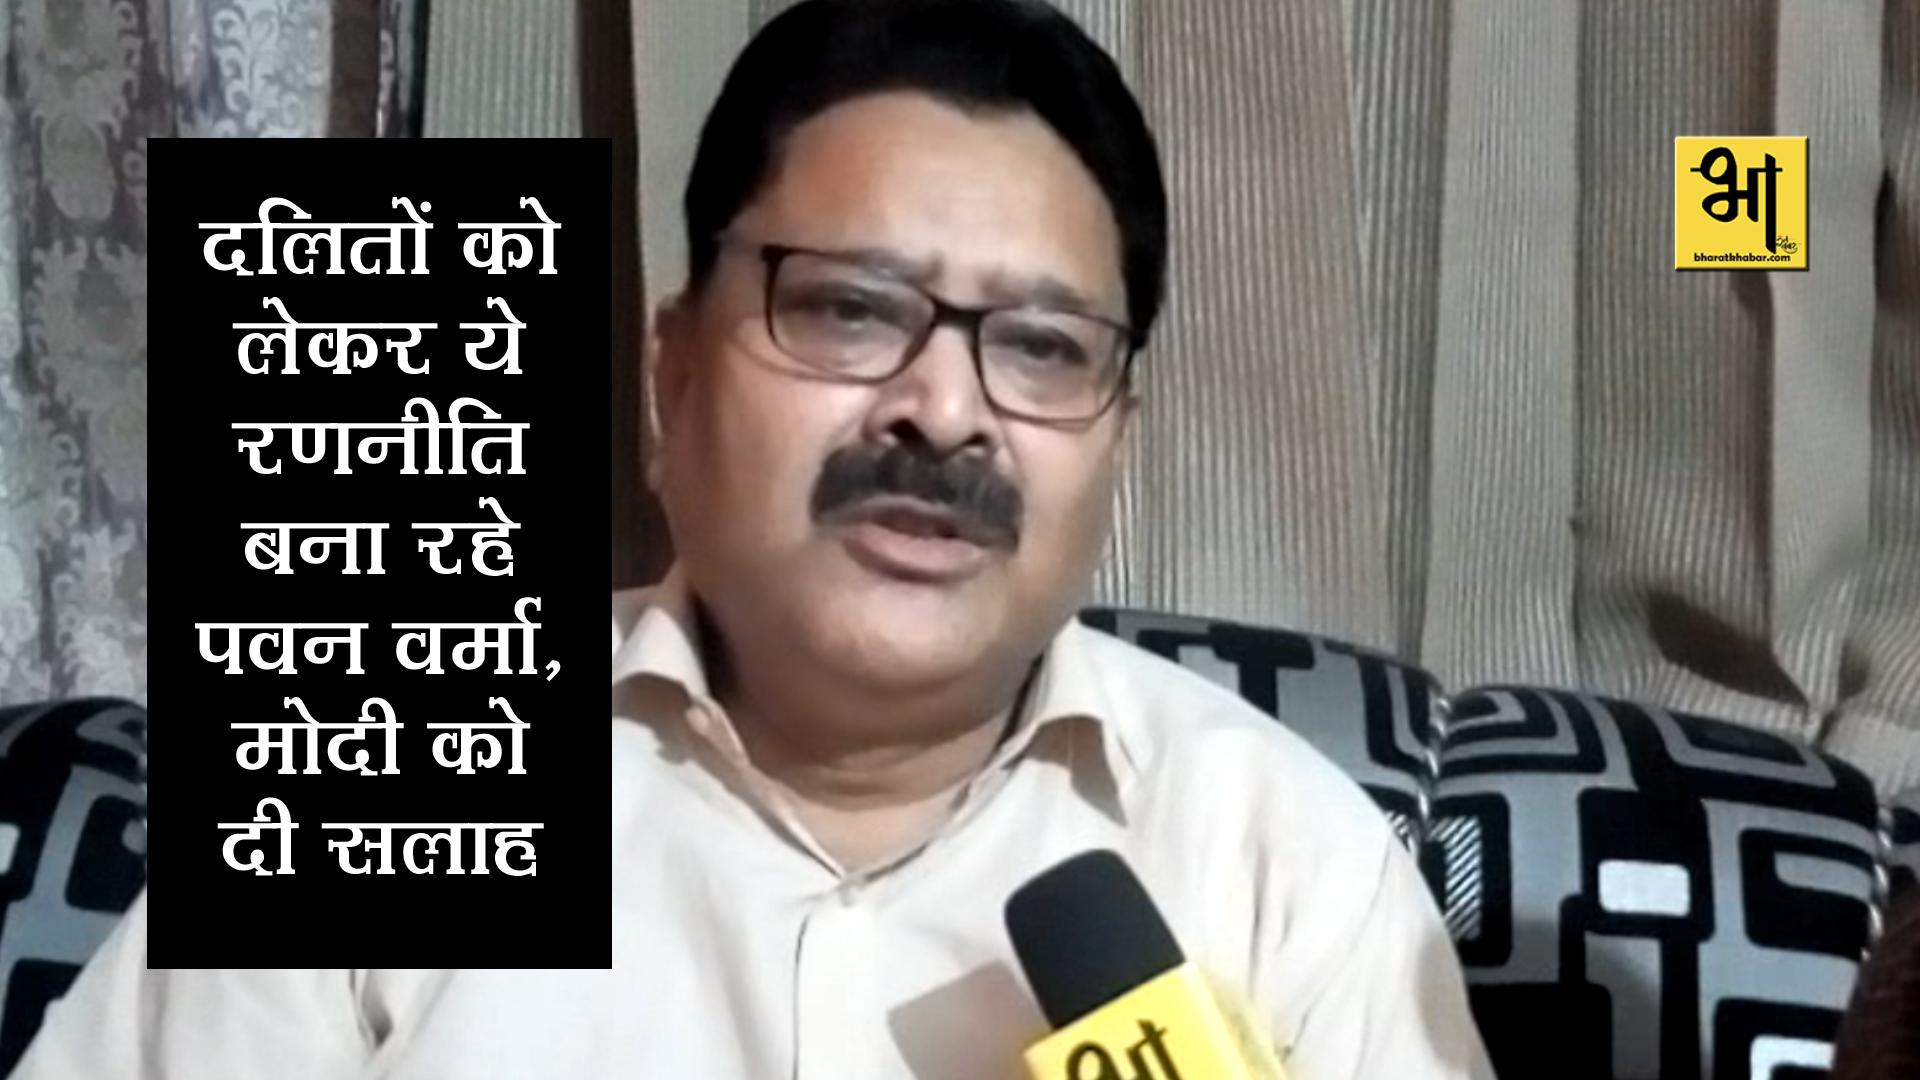 pawan verma साक्षात्कार: दलितों की लड़ाई लड़ने में पवन वर्मा ने दिखाई दिलचस्पी, मोदी के विरोध में करेंगे ये काम